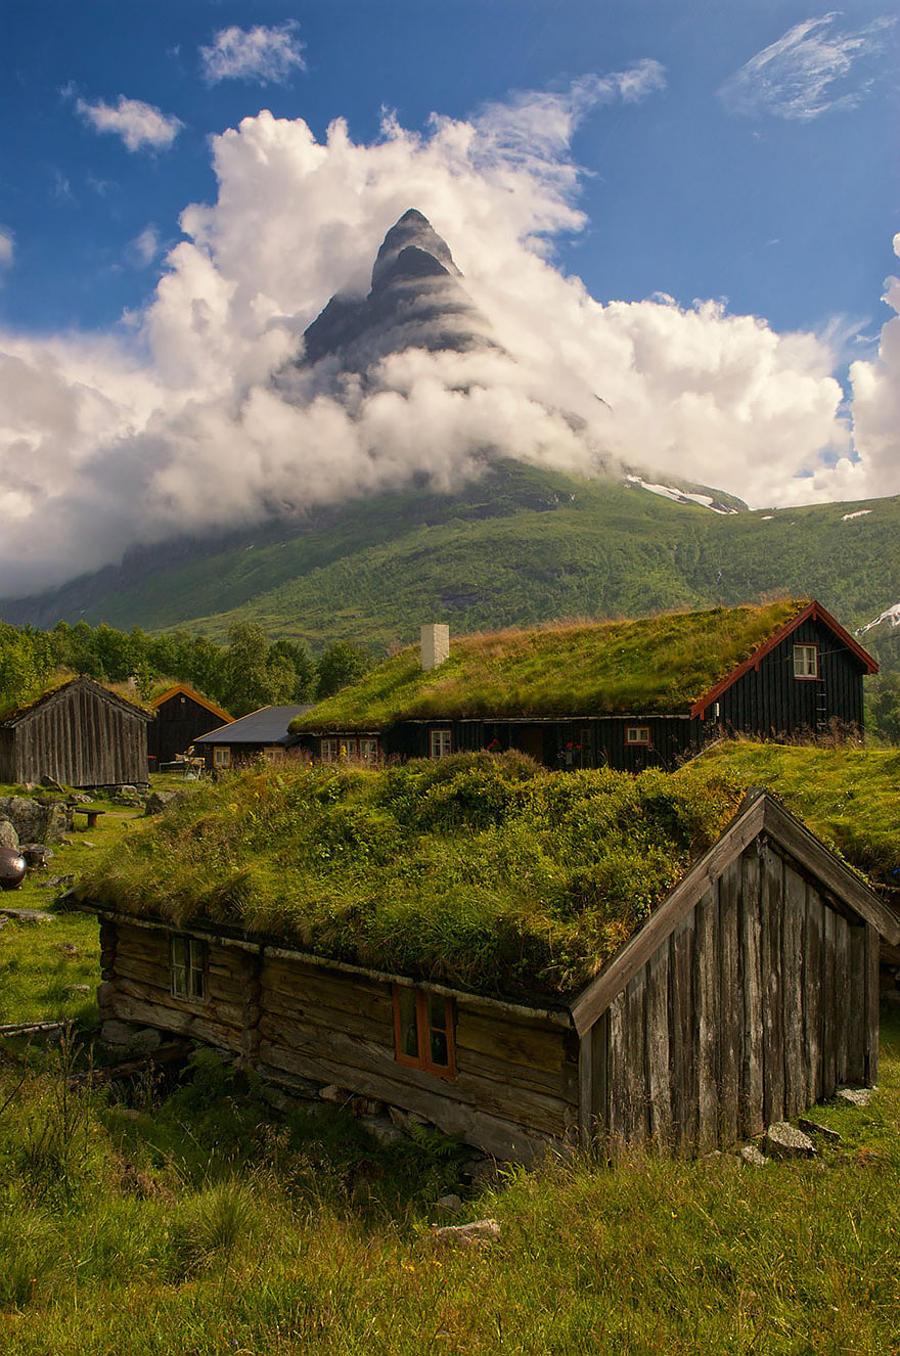 Villaggi e piccoli paesi da fiaba da visitare in Europa e nel Mondo